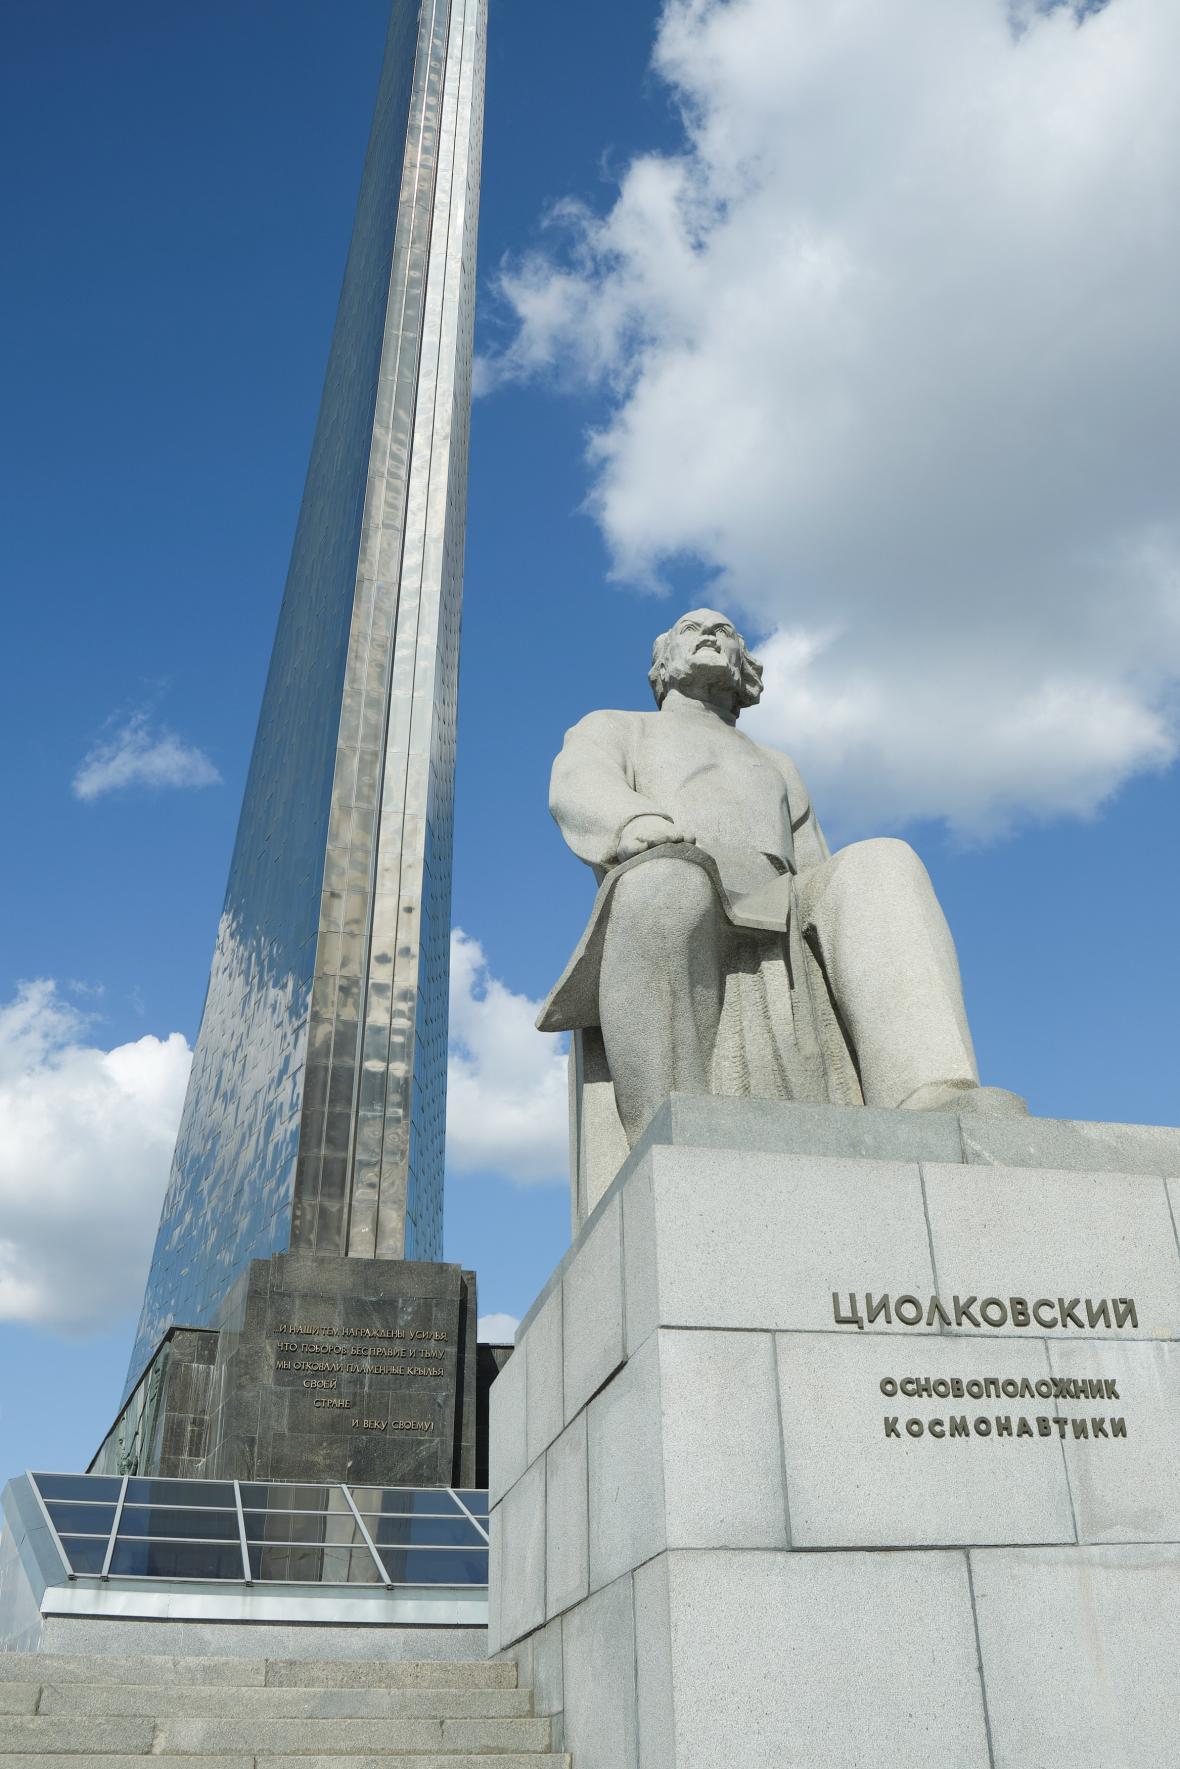 Památník pokořitelů kosmu a socha Konstantina Eduardoviče Ciolkovskije v Moskvě